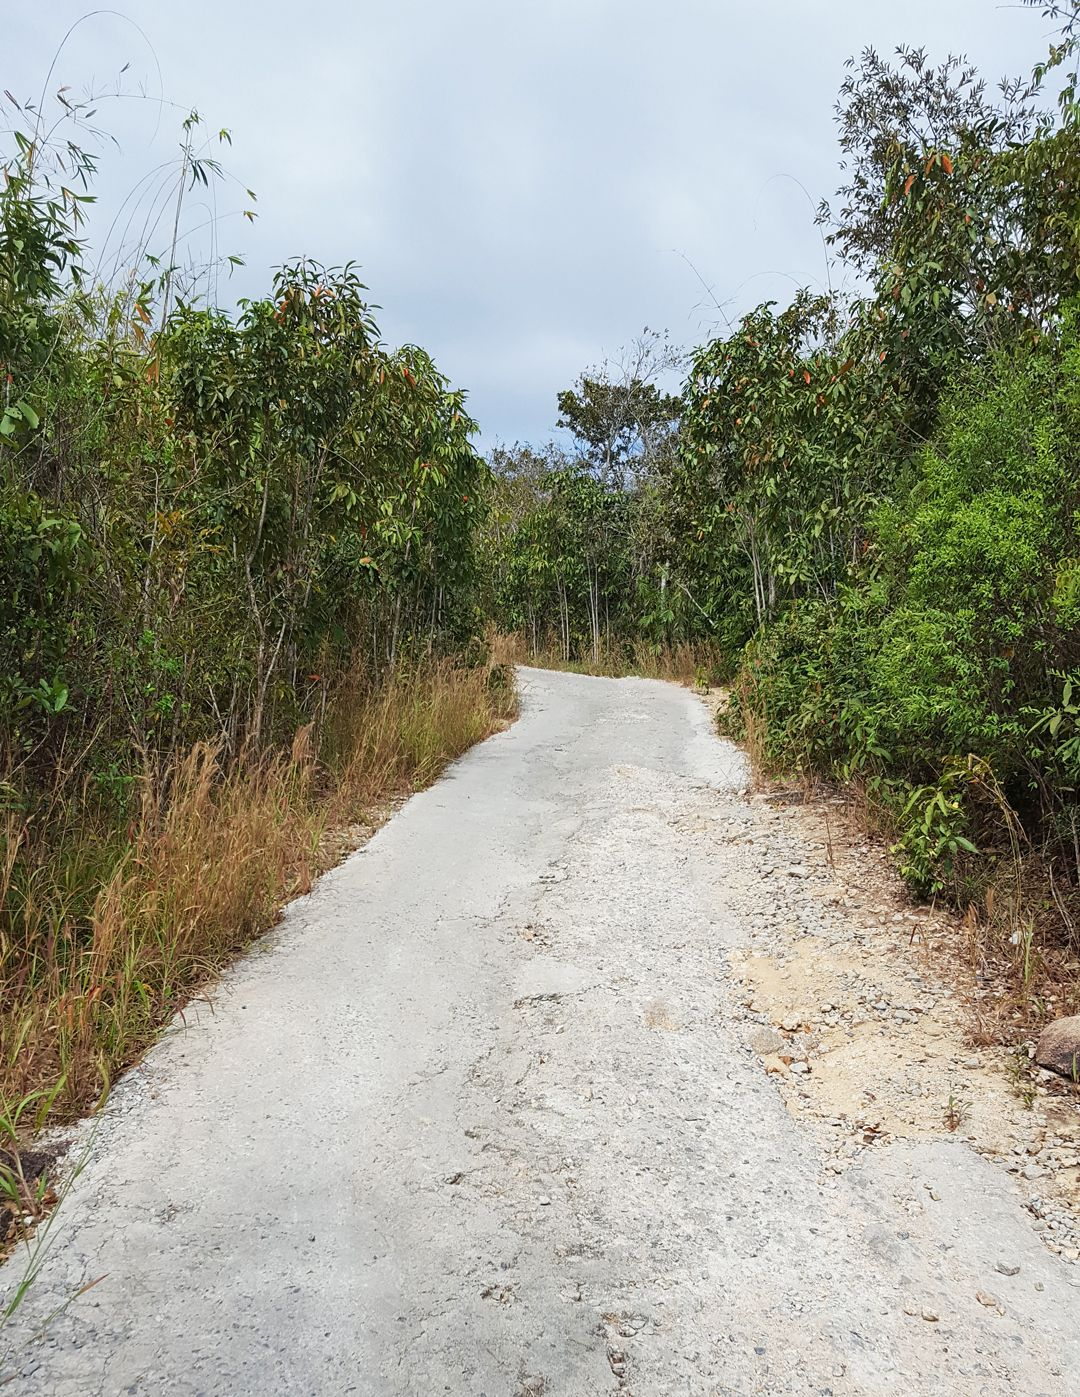 Đường đi vào đã được lát xi măng cho dễ đi